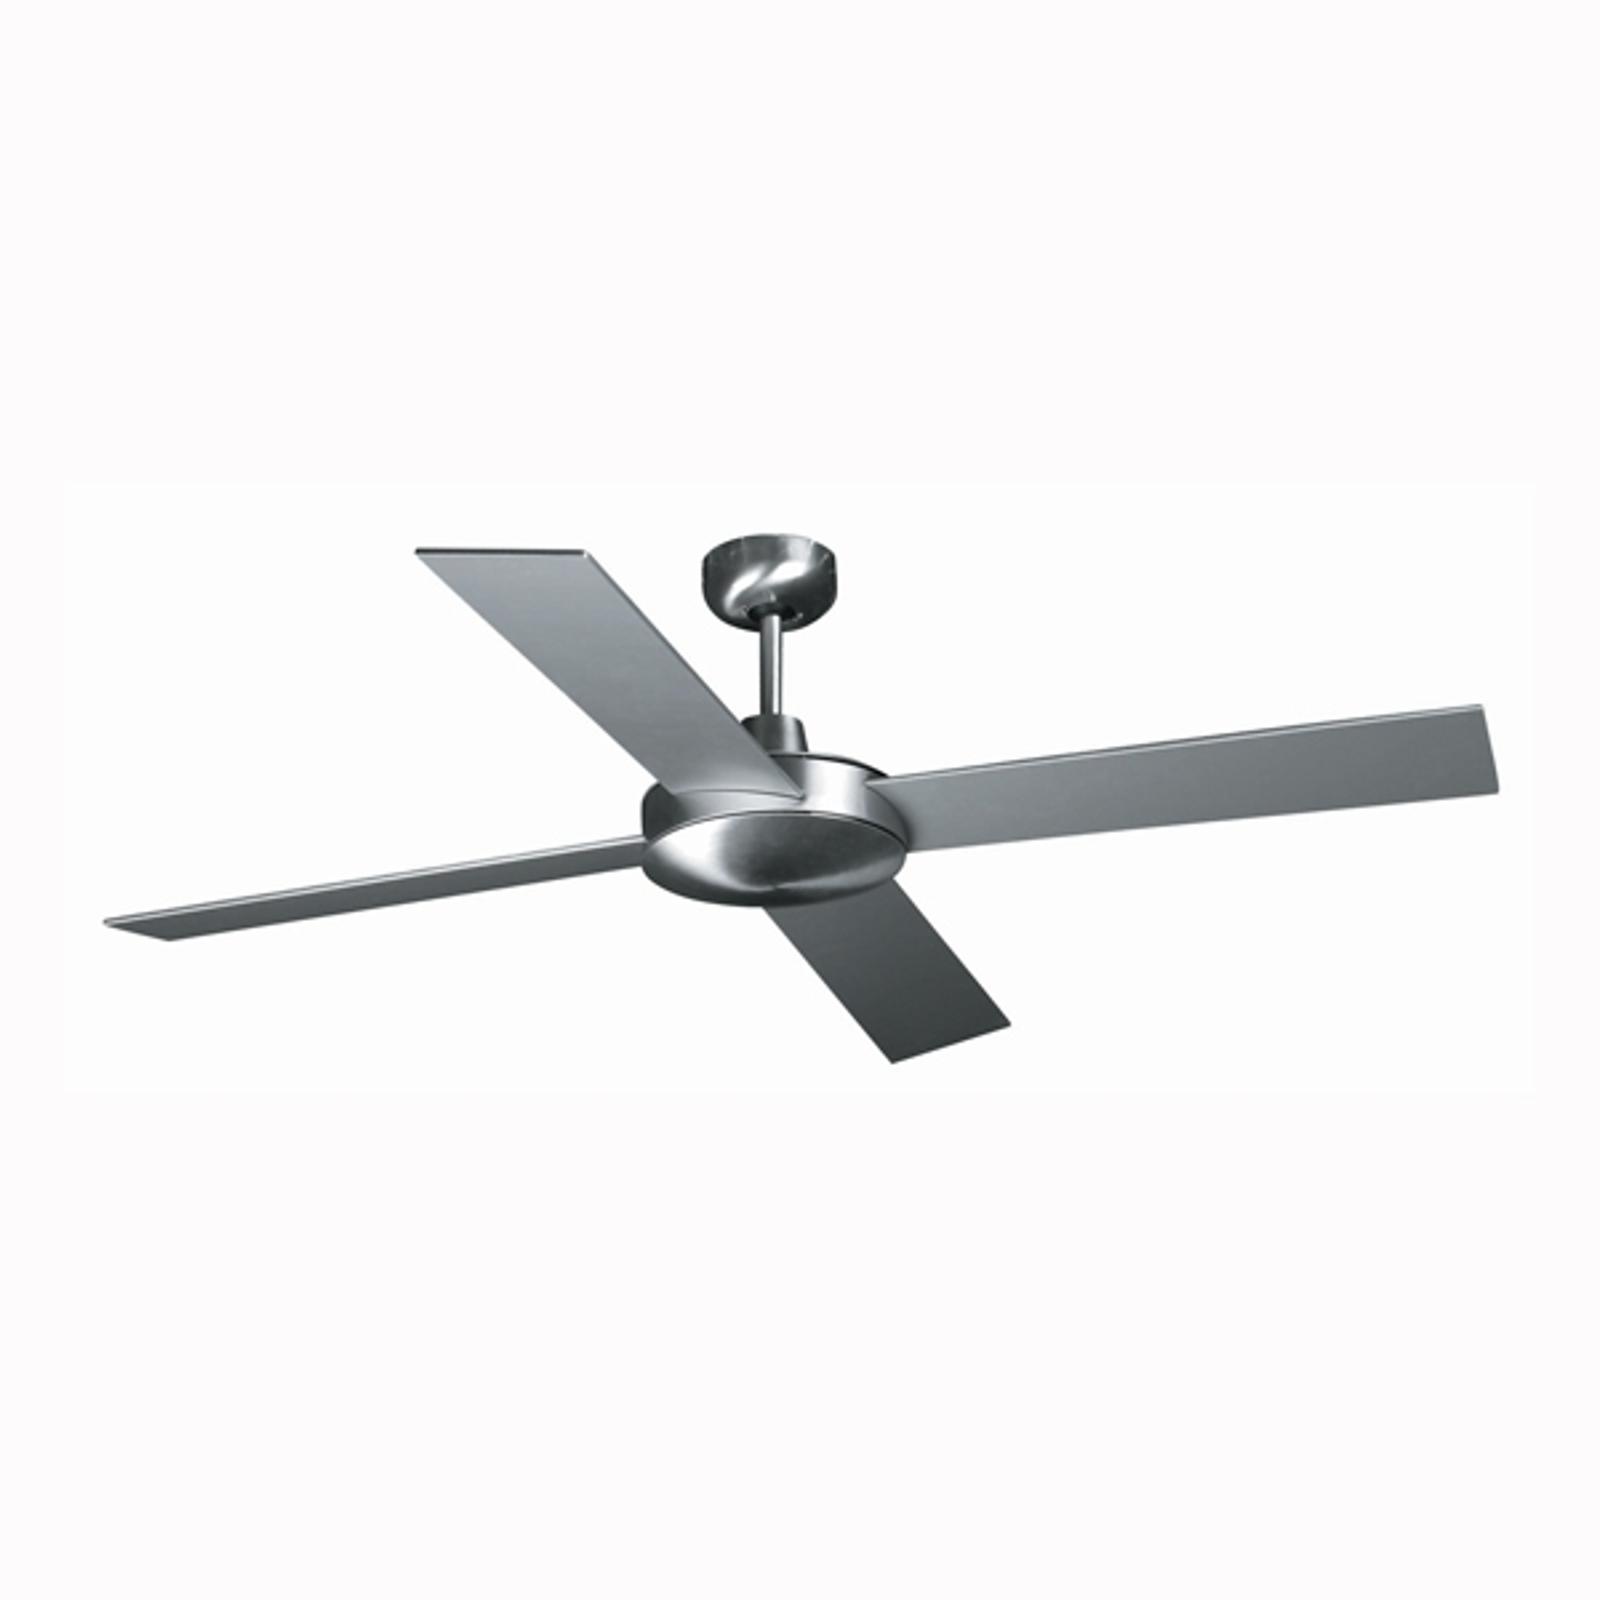 Moderno ventilatore MALLORCA - alluminio